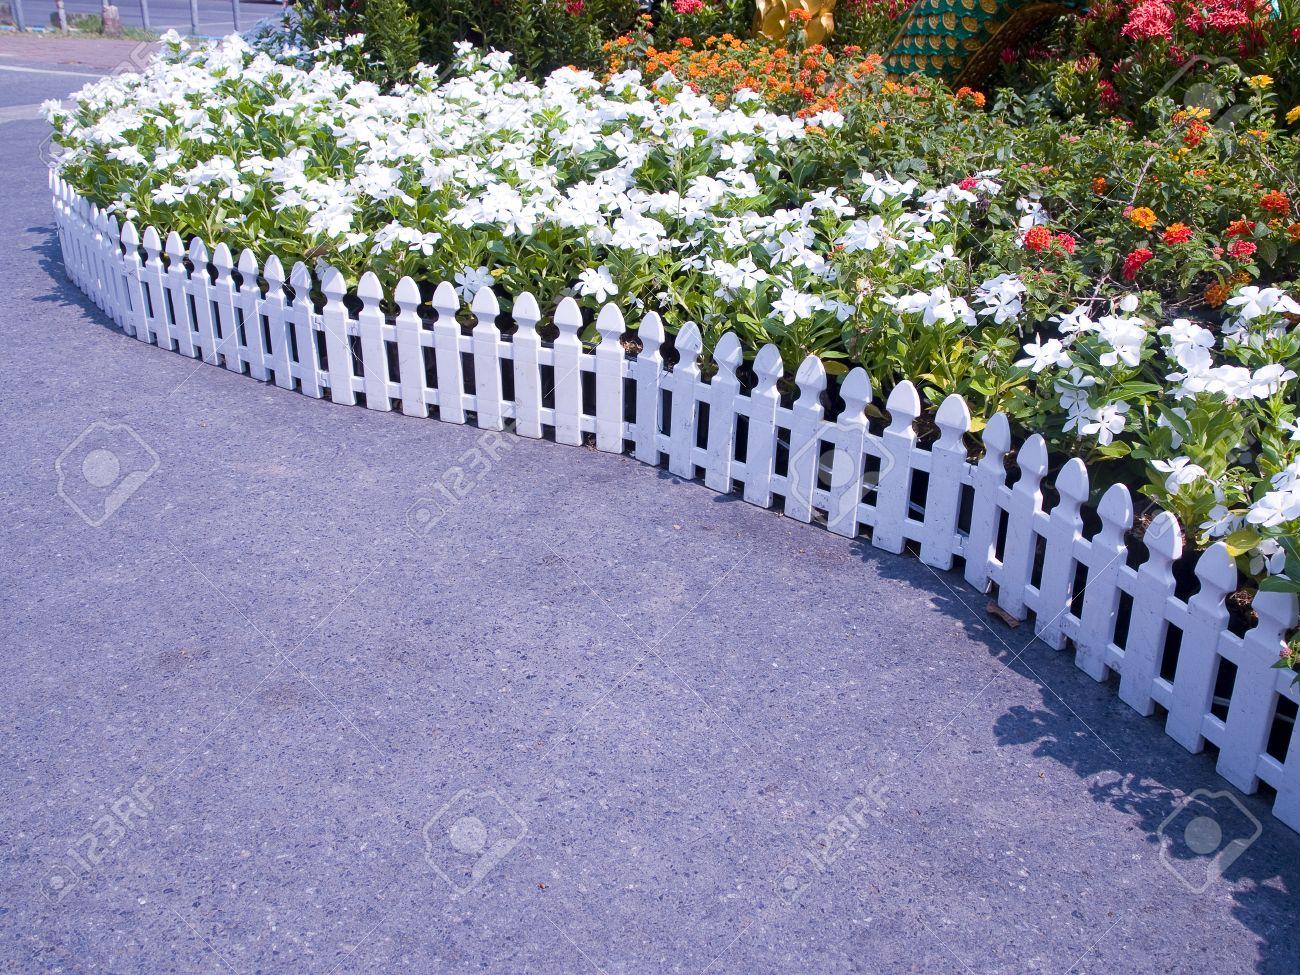 Ein Kleiner Garten Ist Von Schnittblumenpflanzen Und Holzzaun